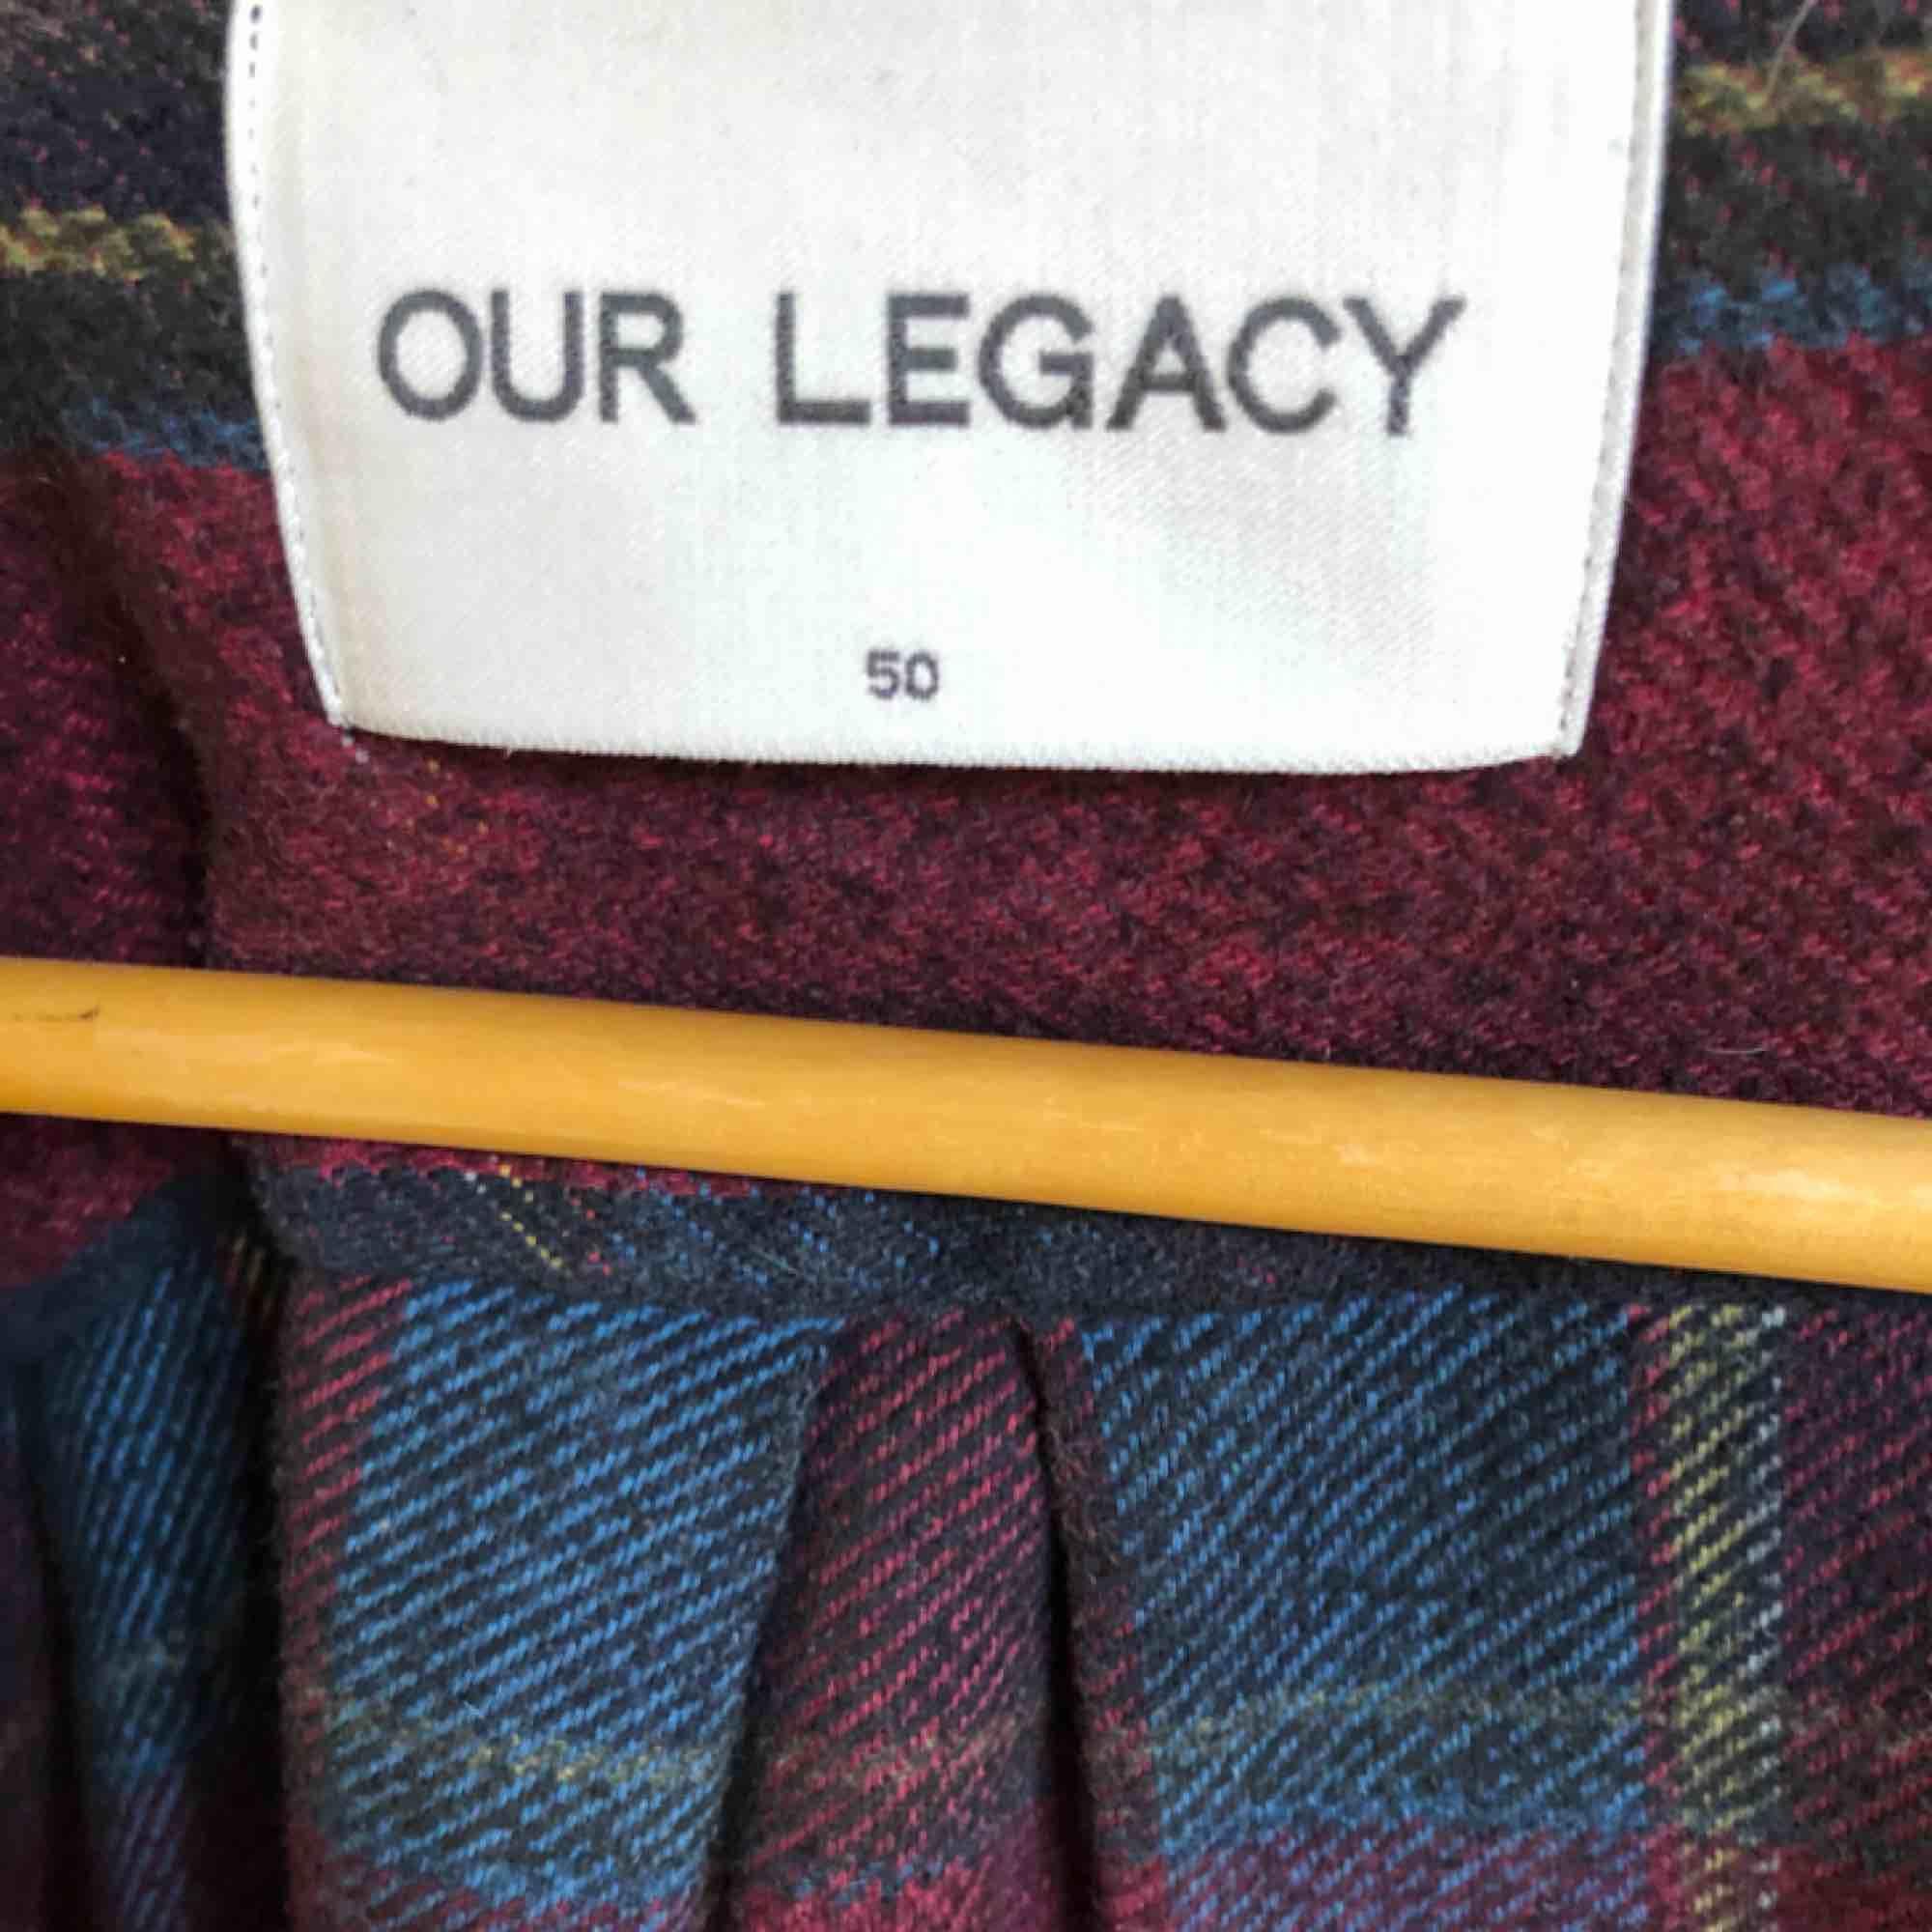 Lila flanellskjorta från Our legacy i stl 50. Skjortor.